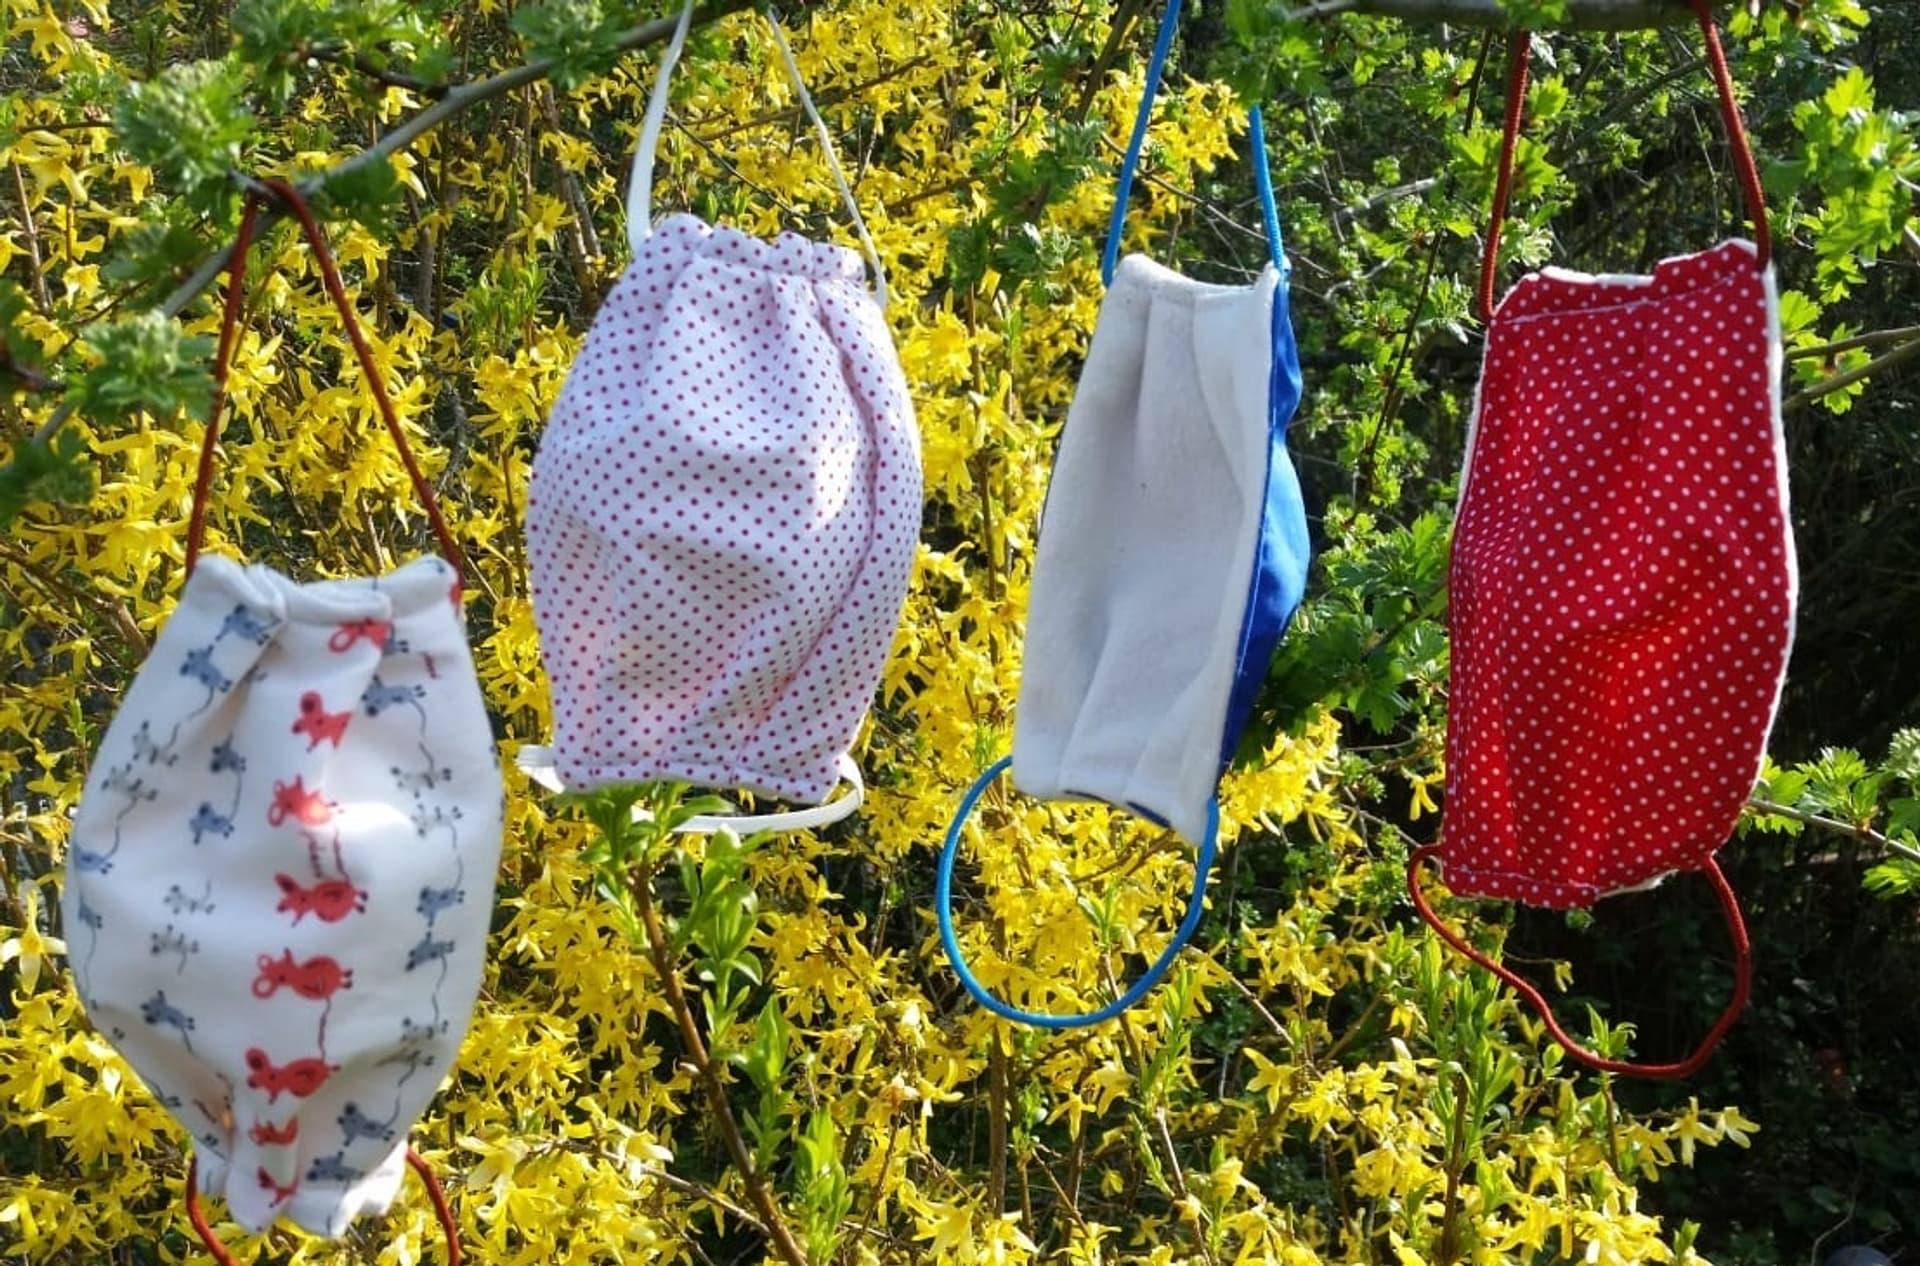 Bunte Gesichtsmasken aus Bio-Textilien